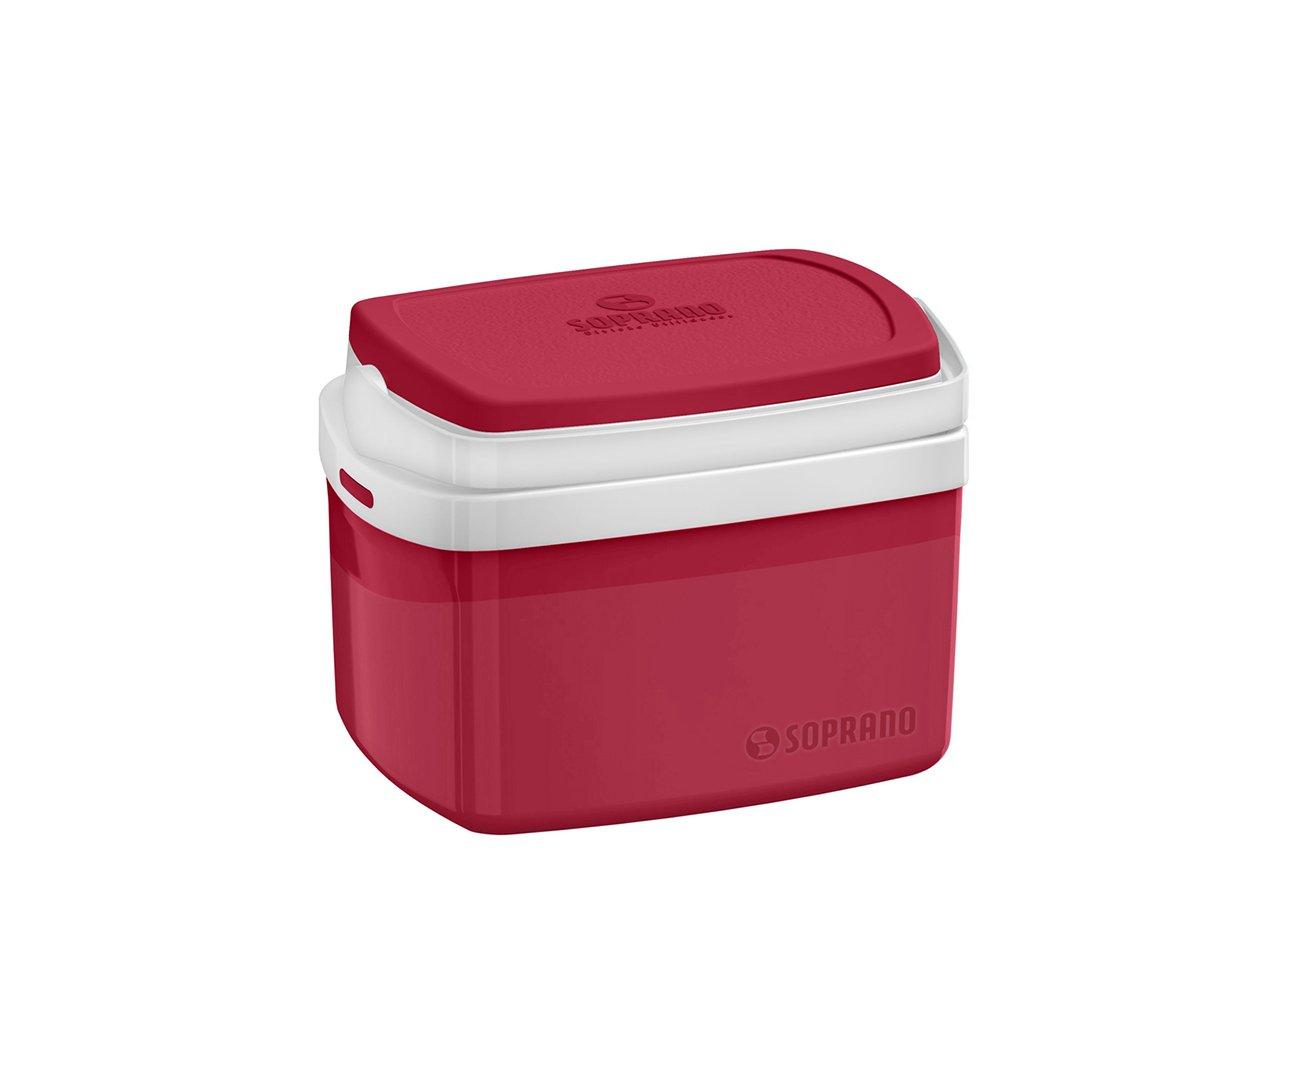 Caixa Termica Tropical 5l Vermelha - Soprano